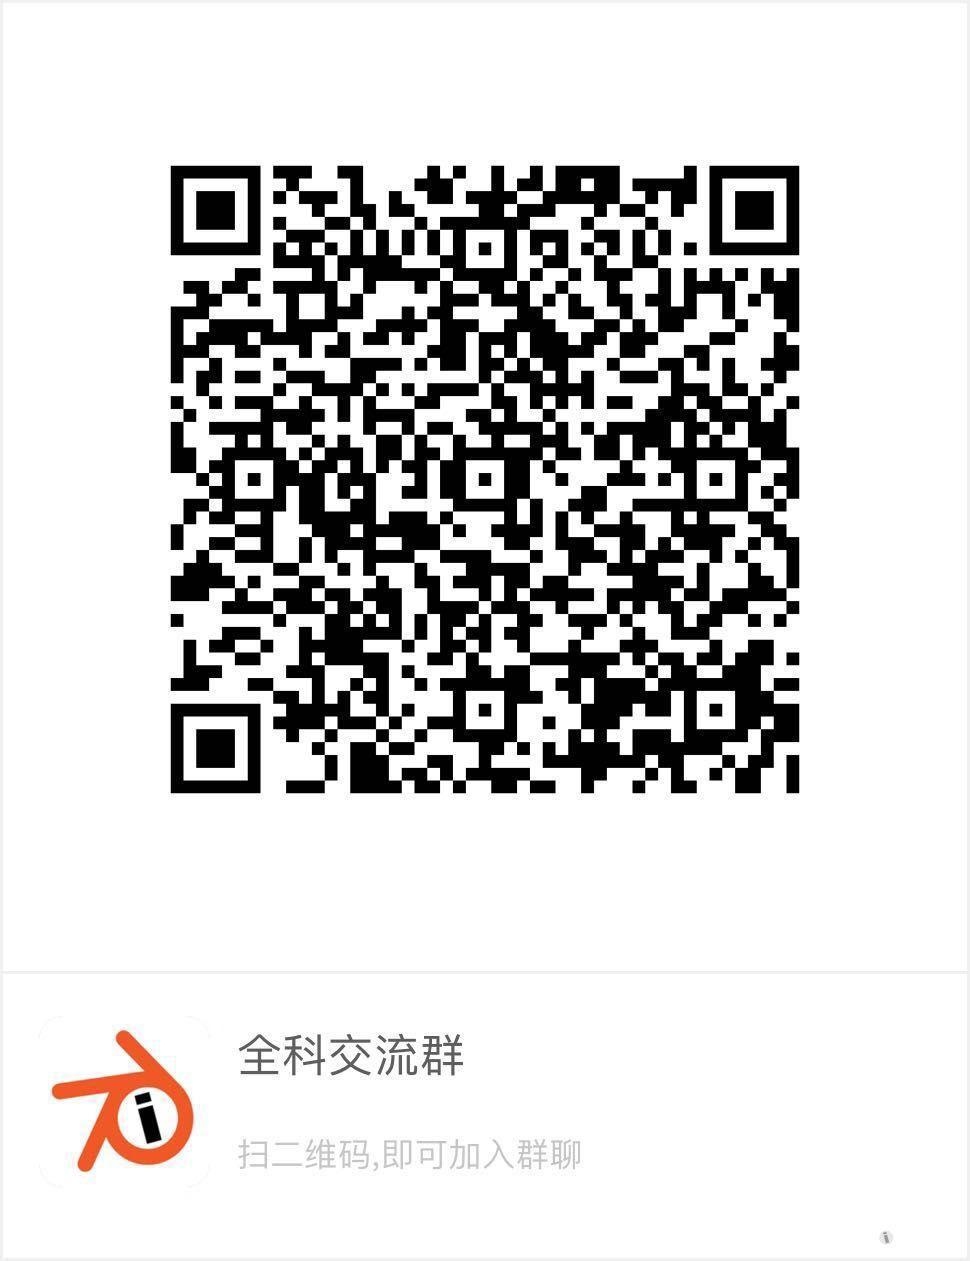 微信图片_20171214153201.jpg